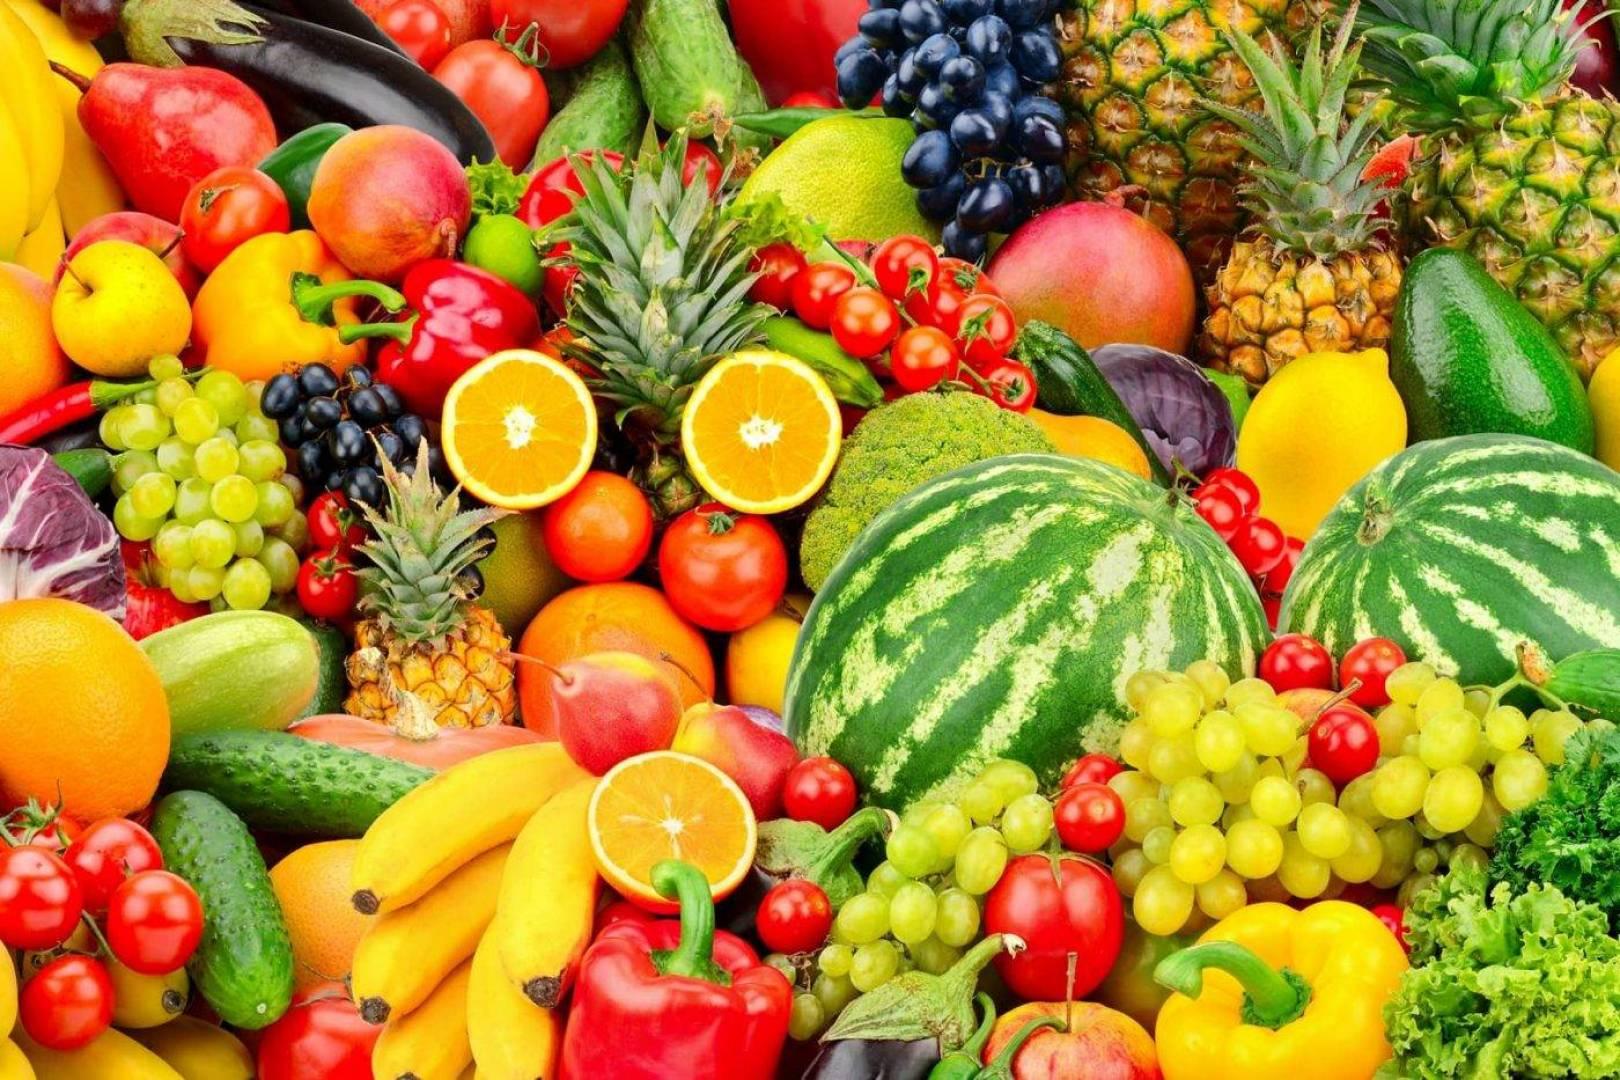 أسعار الفاكهة والخضراوات والأسماك والدواجن اليوم الاحد 13 أكتوبر في السوق المصرية 2